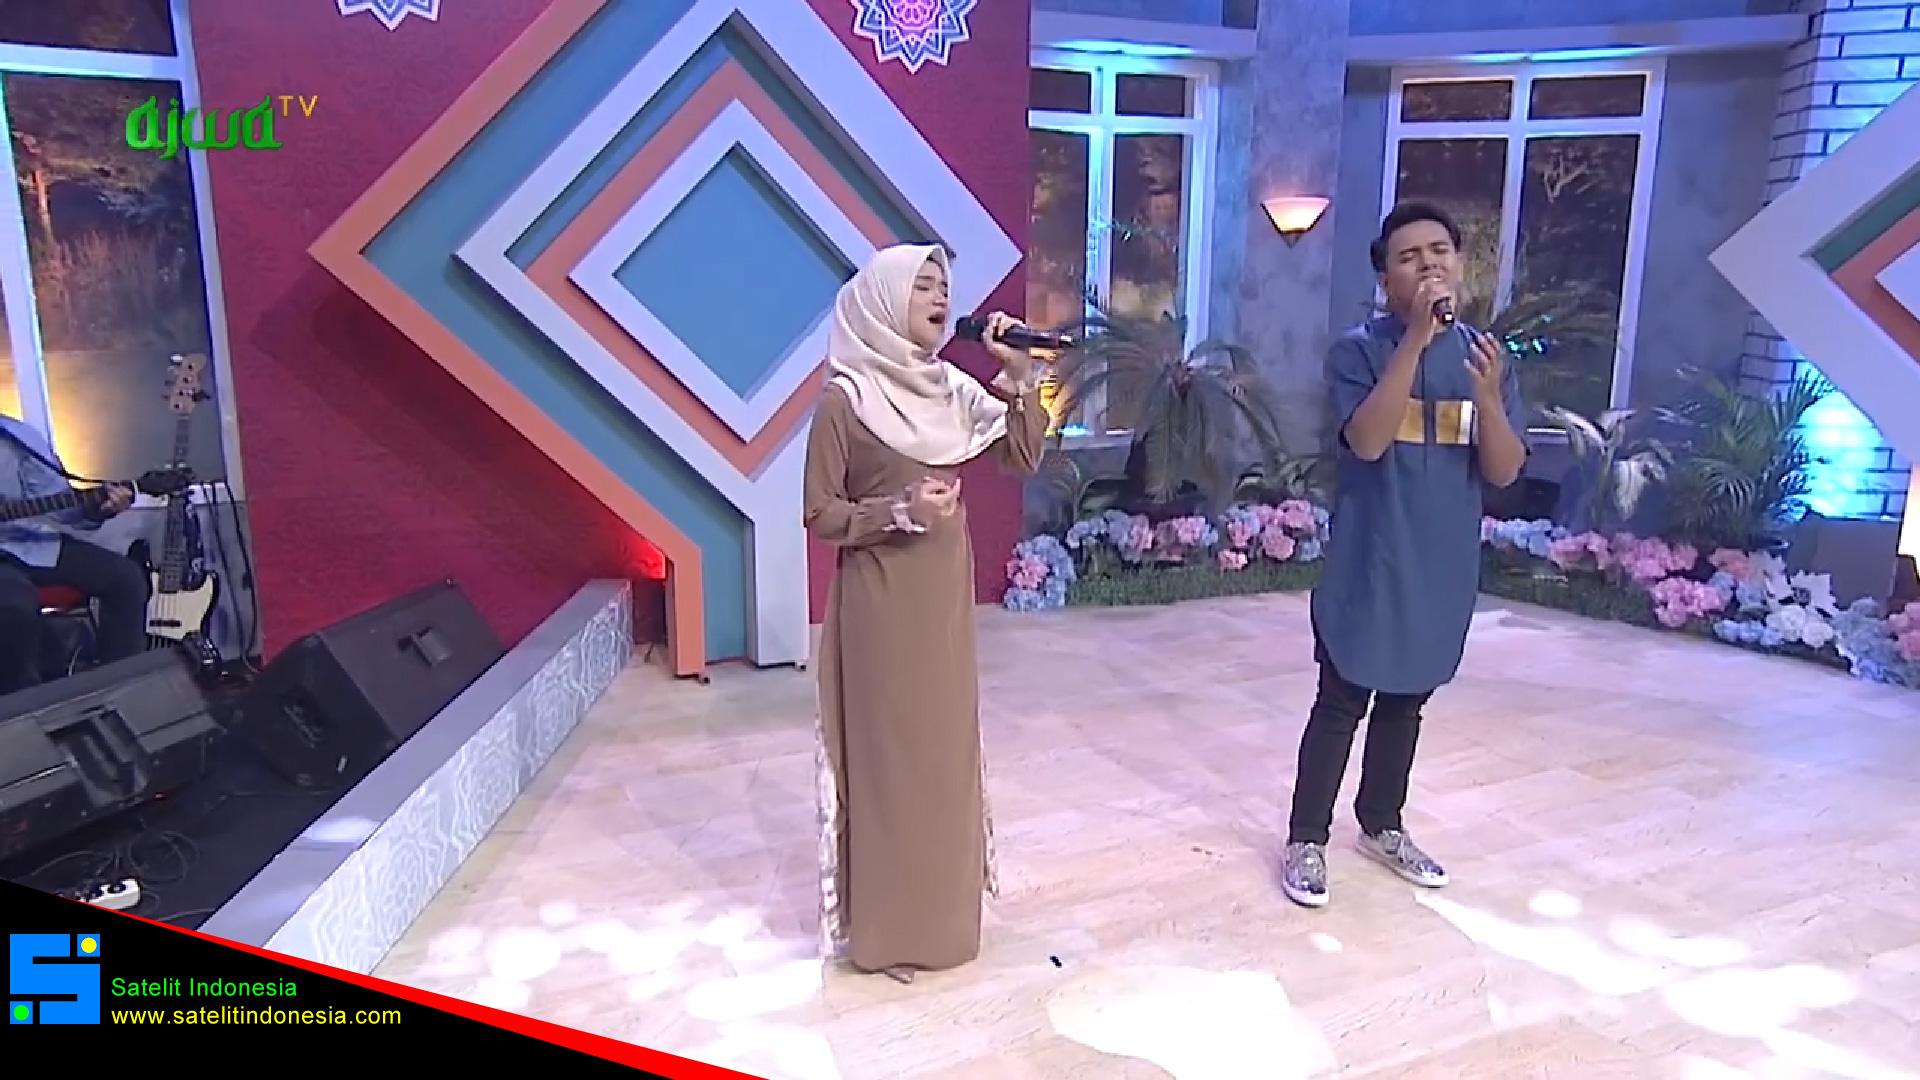 Frekuensi siaran Ajwa TV di satelit Telkom 4 Terbaru